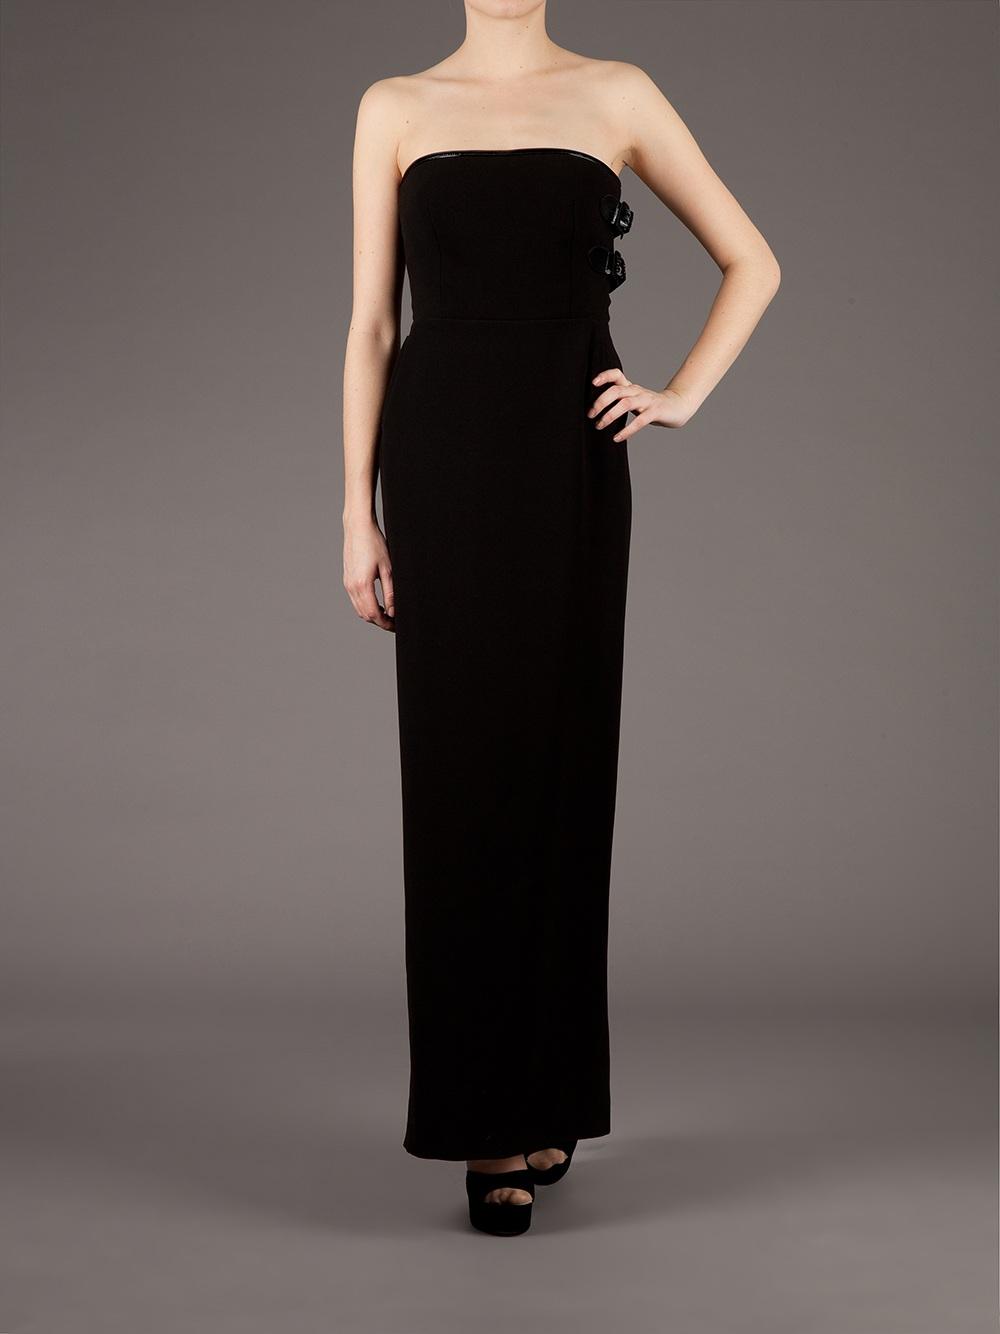 Jean-Paul Gaultier Evening Dresses